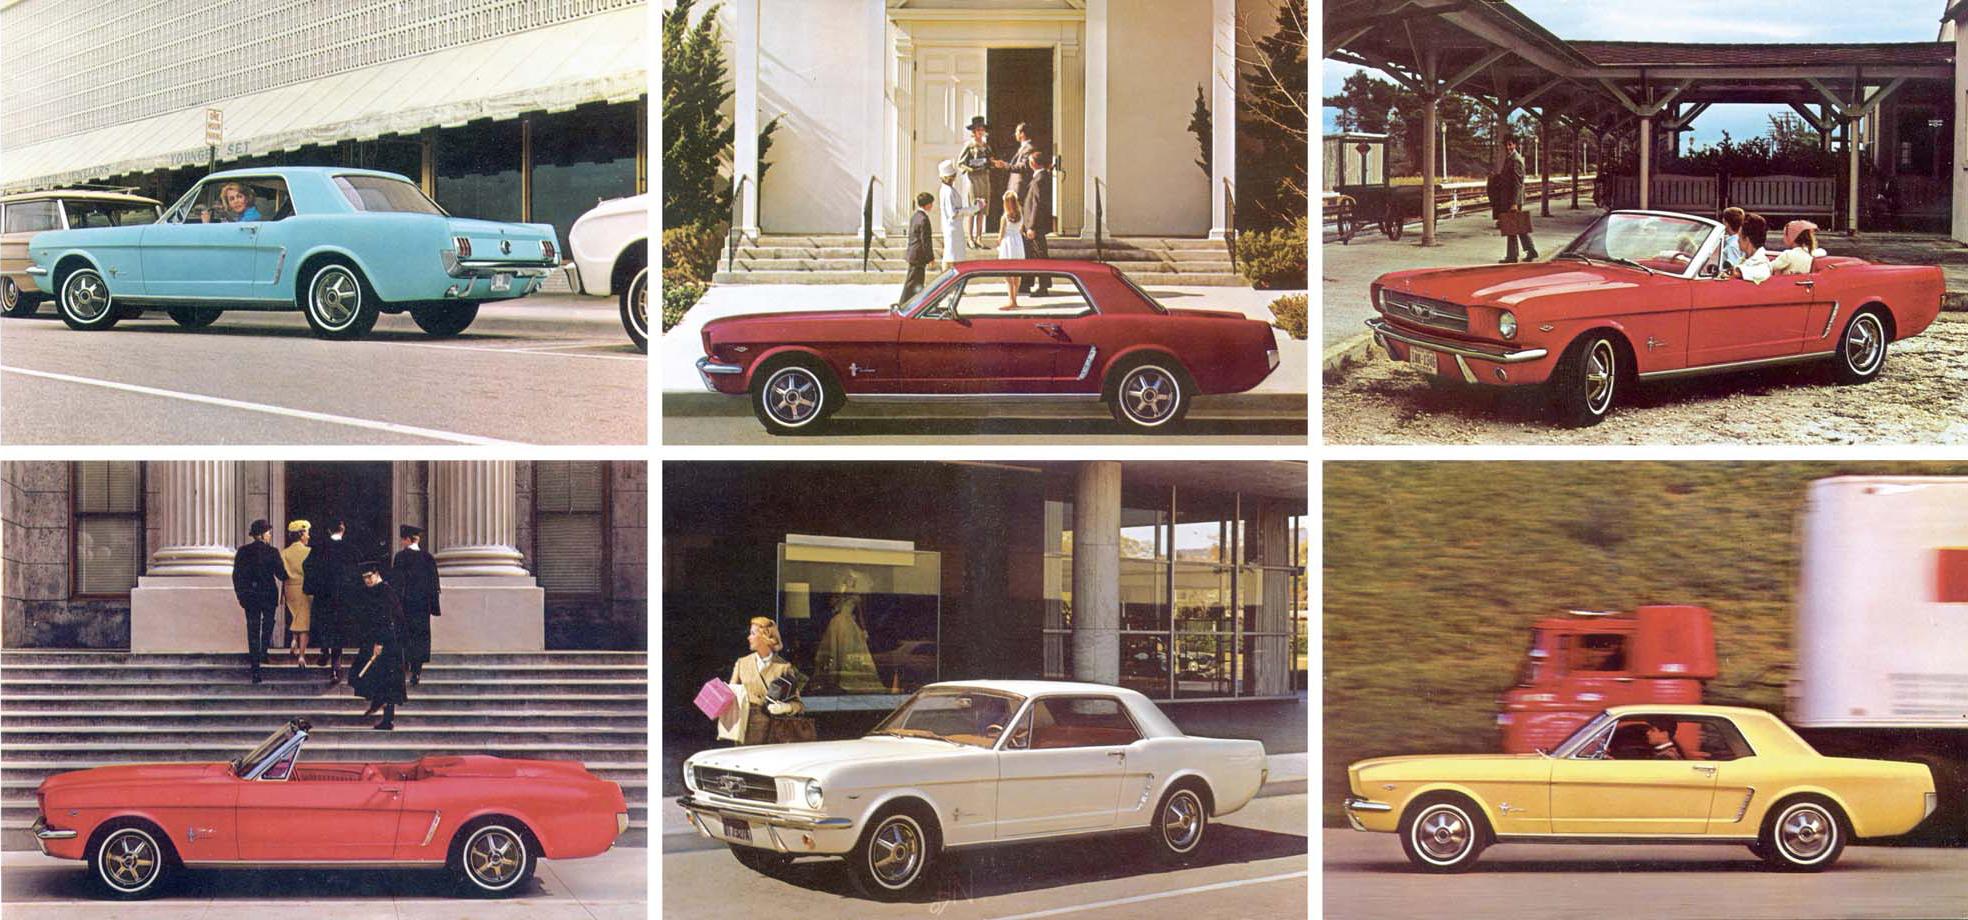 1964.5 Mustang Prospekt Seite 12-13